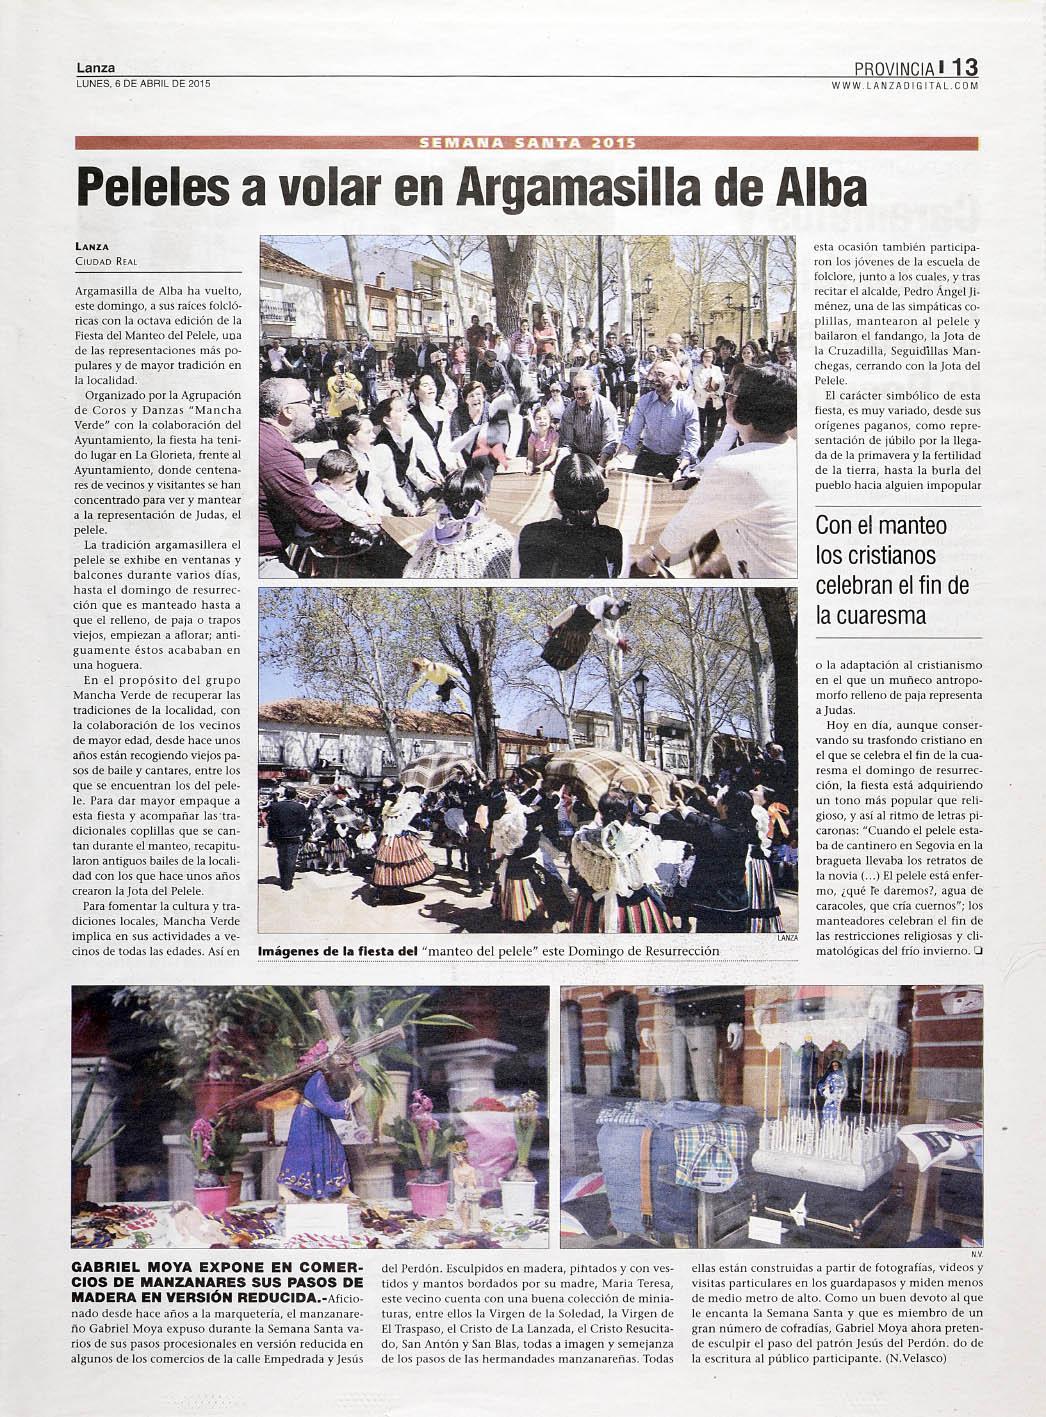 Prensa_Manteo del Pelele_Lanza